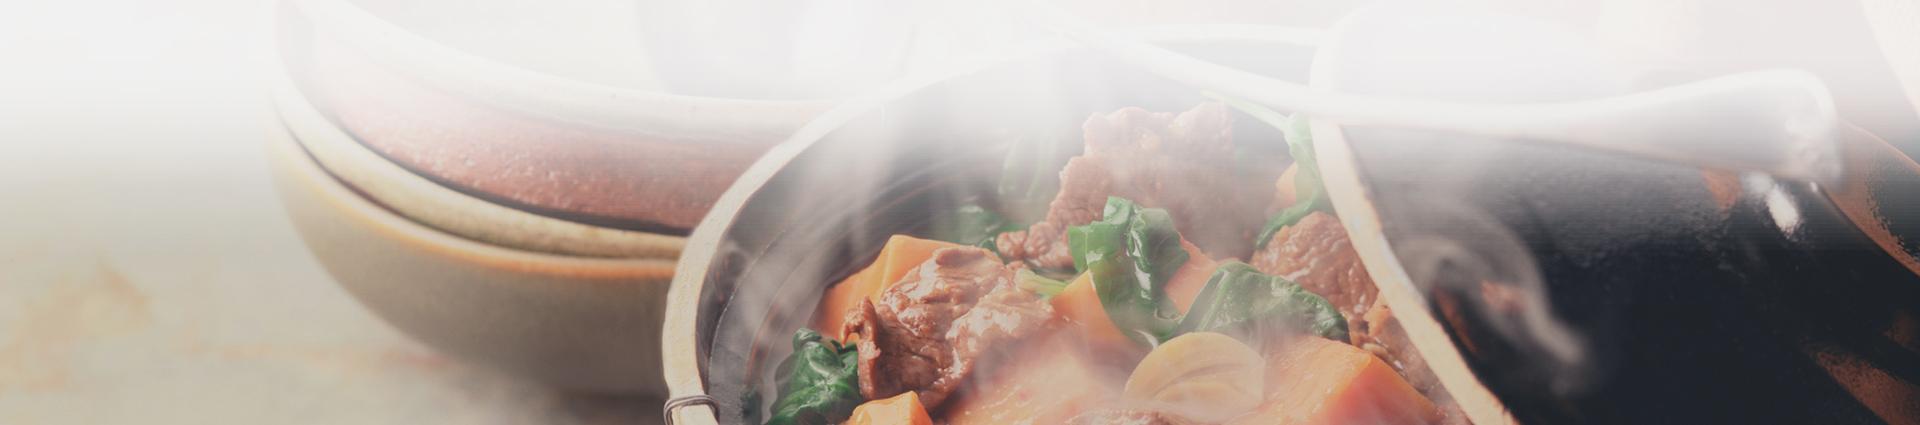 Baner - Michna Food sp. z o.o. sp.k.